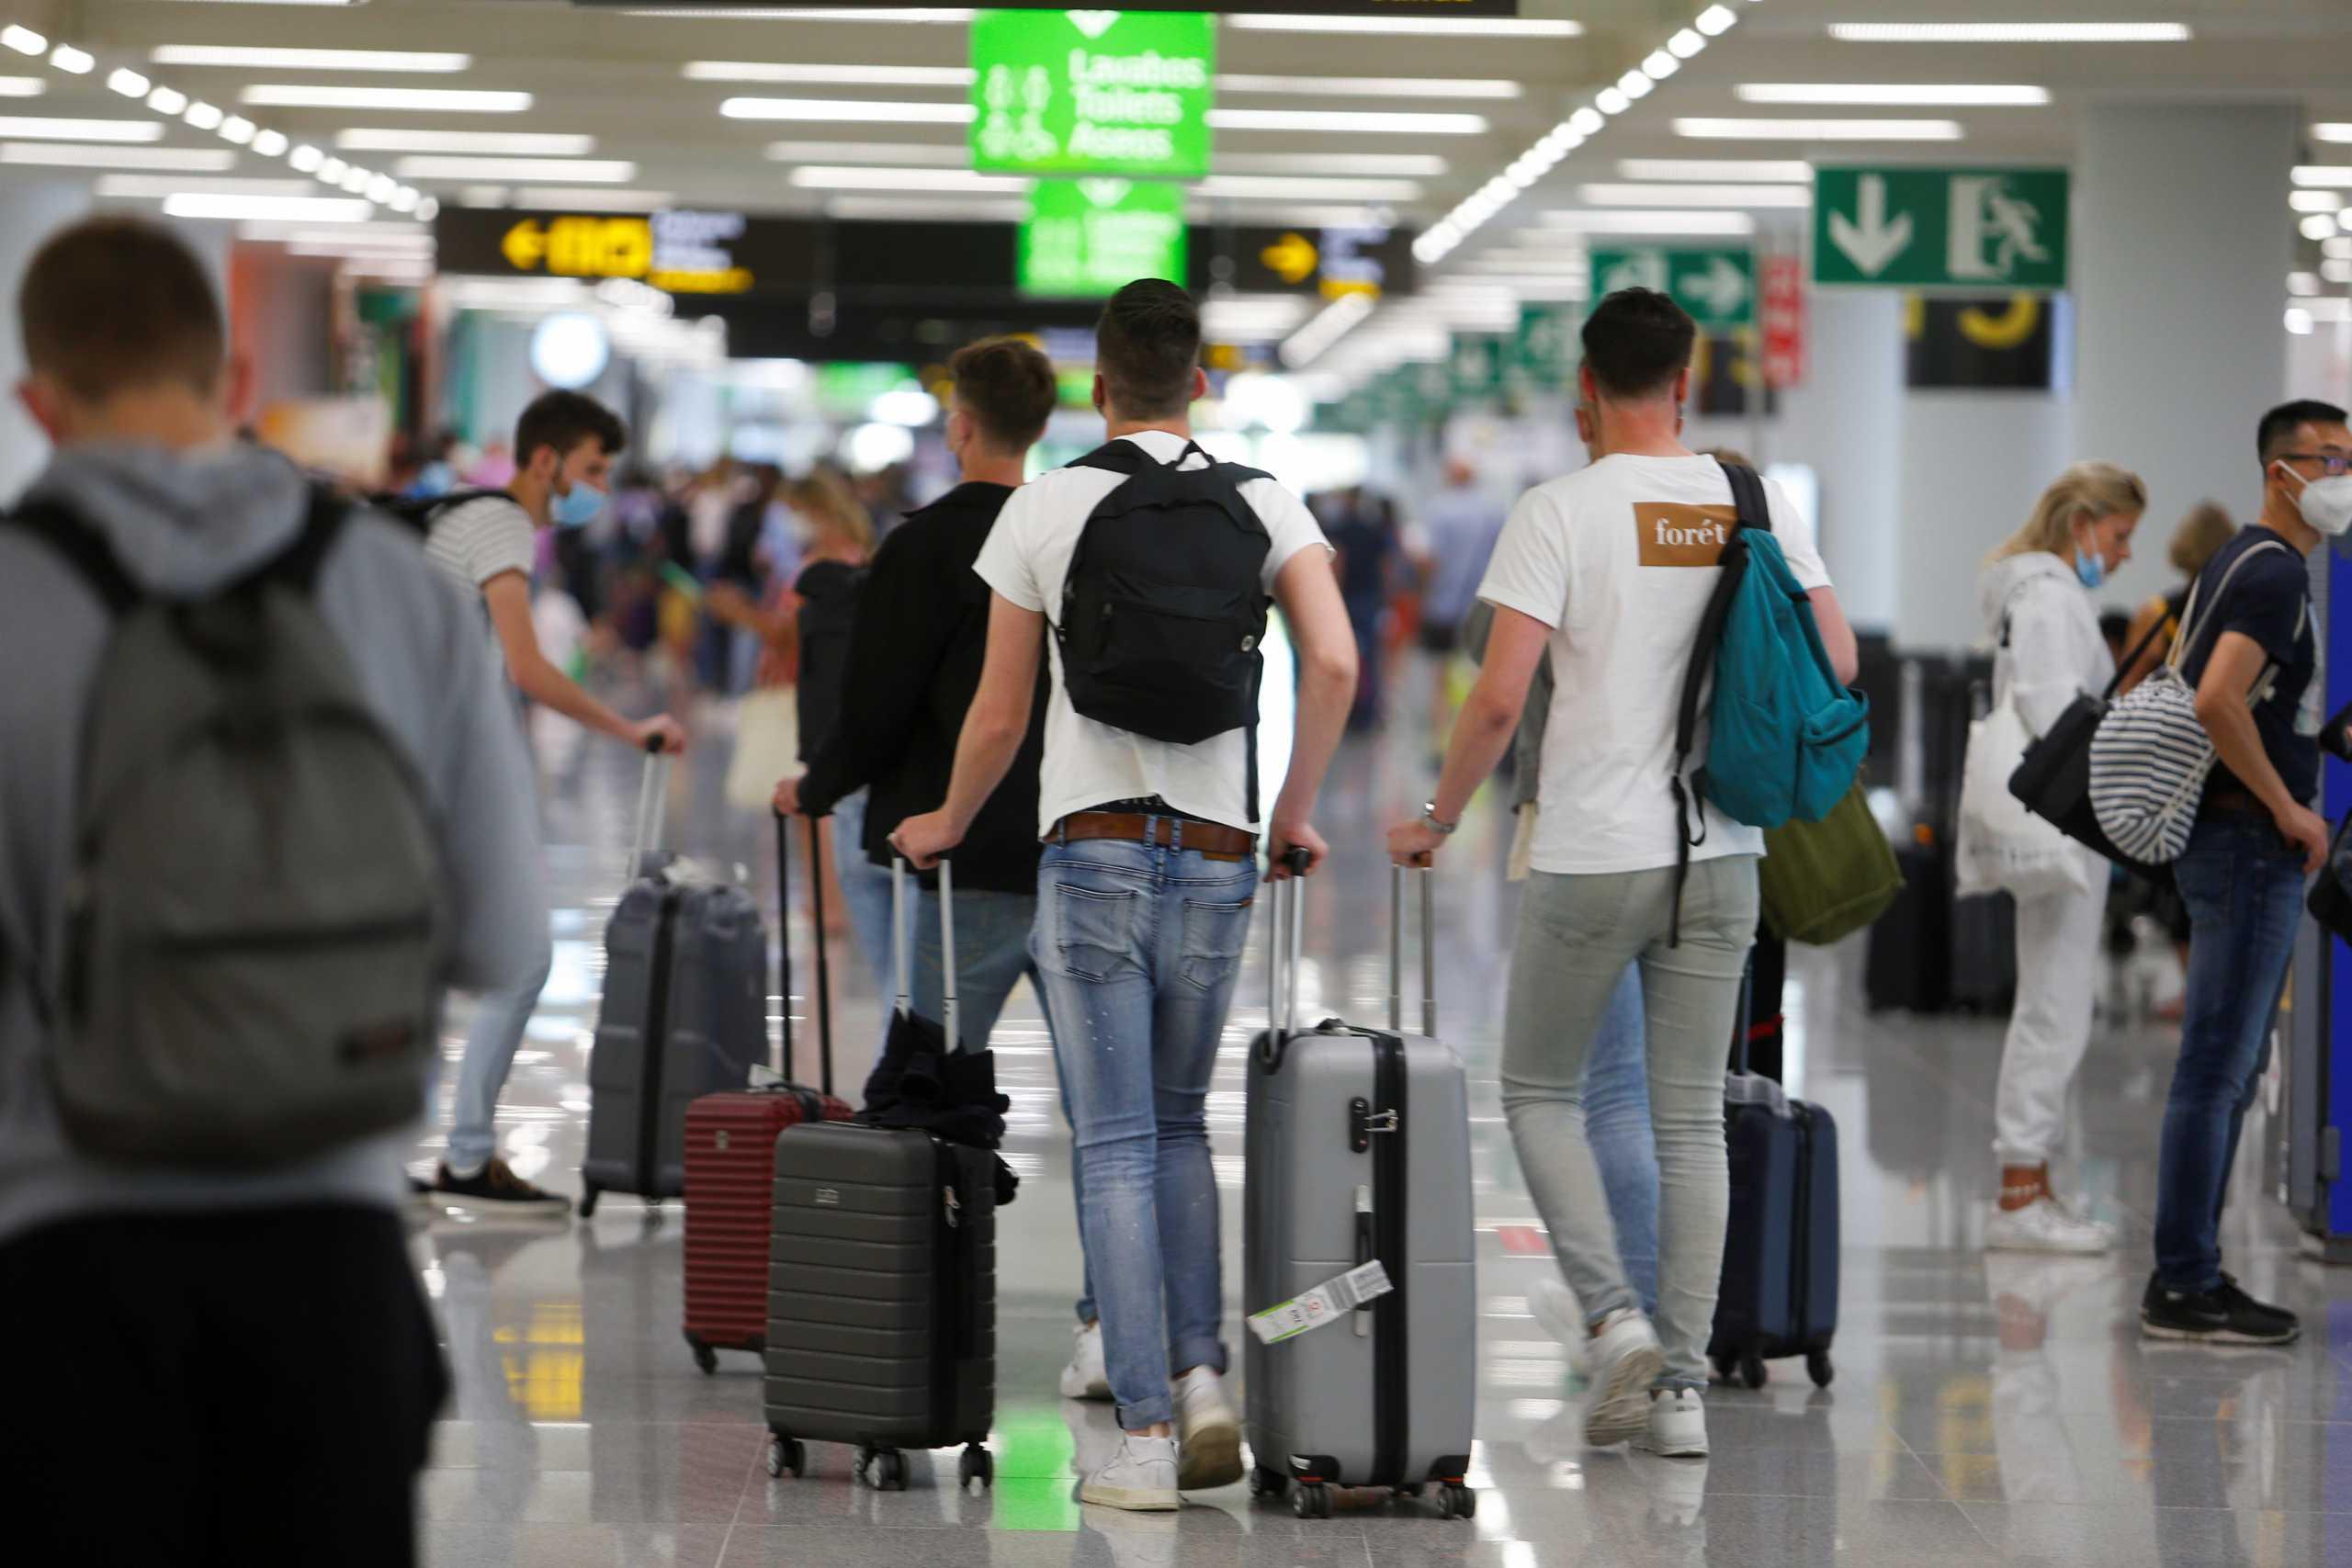 Βρετανία: Χαλαρώνουν τα μέτρα για τις «πορτοκαλί» χώρες – Χωρίς καραντίνα όσοι επιστρέφουν